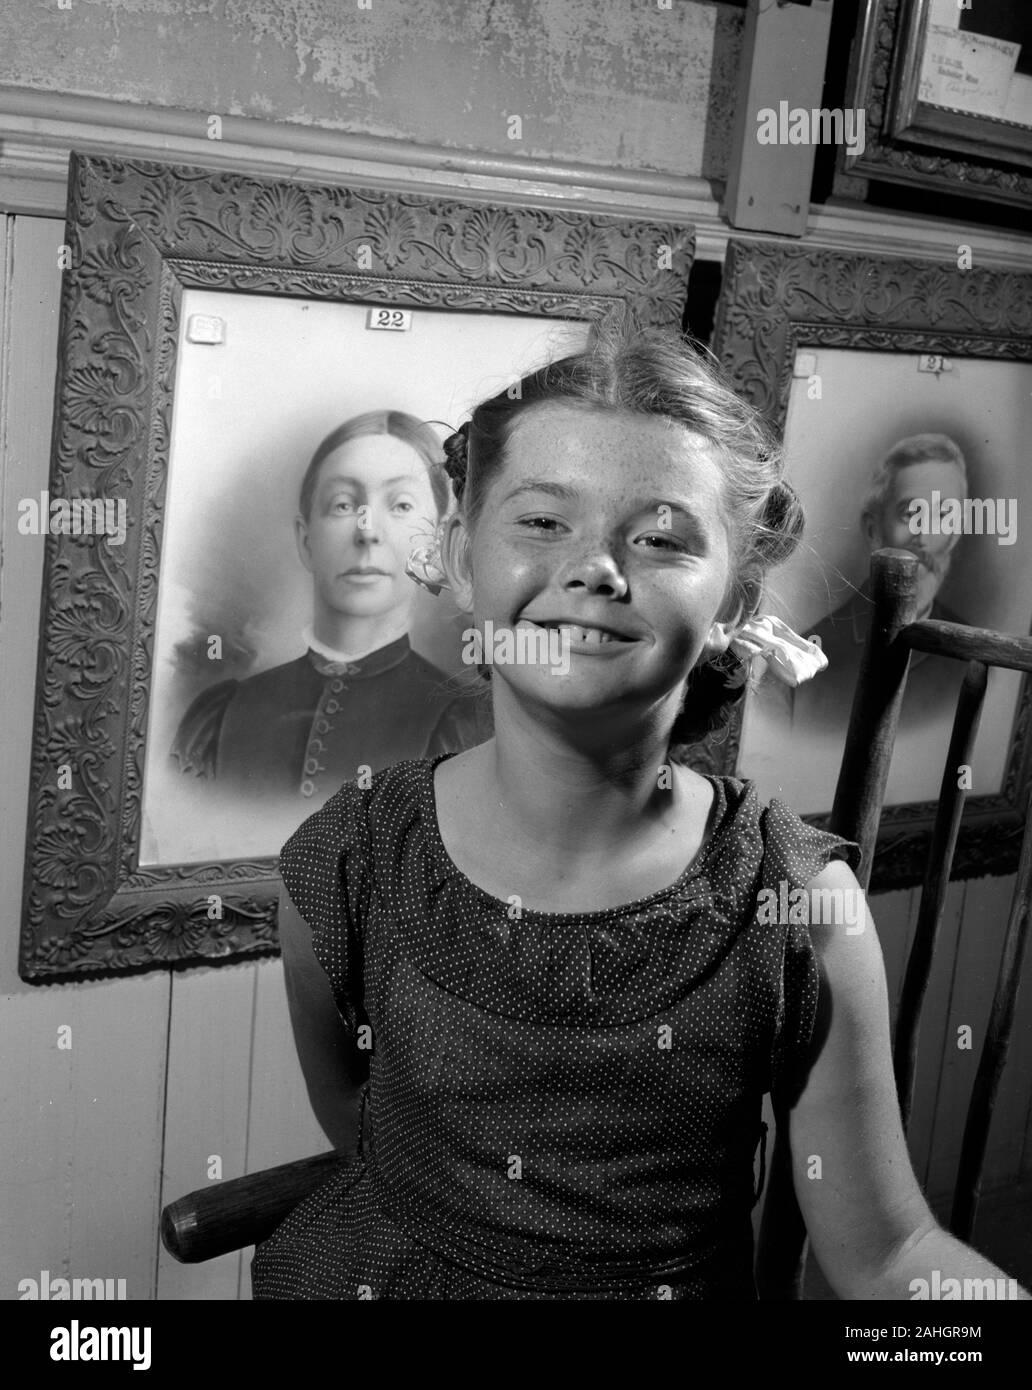 Ragazza in piedi di fronte a ritratti di membri della famiglia 1946. Questo era parte del Minnesota State Fair nel 1946, dove la gente si fermò di fronte dei ritratti dei loro nonni per illustrare caratteristiche genealogiche. Foto Stock